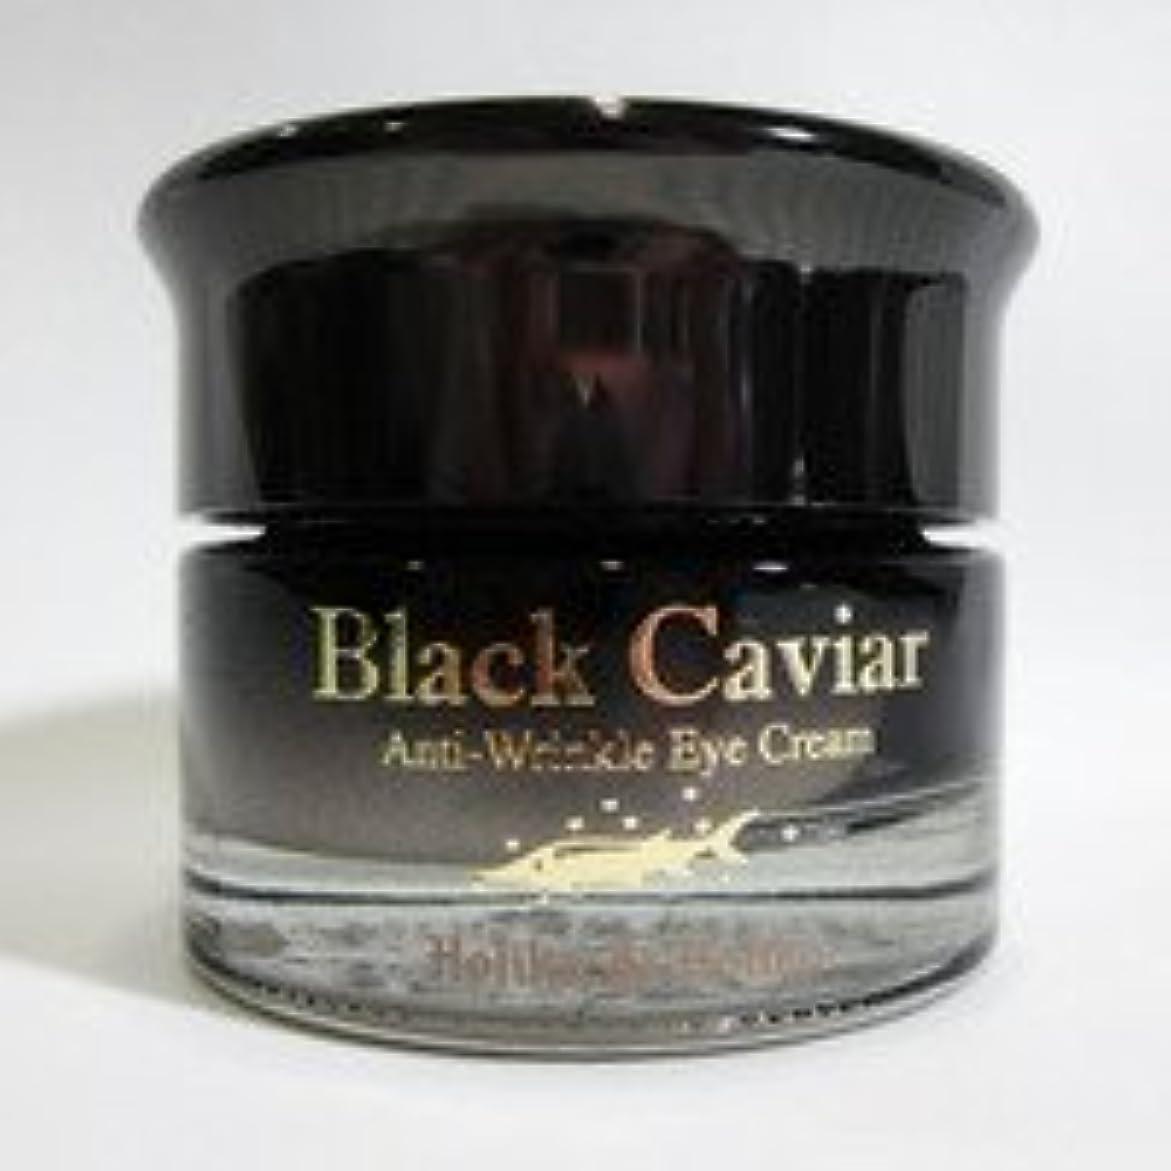 政治したがってロッカーHolika Holika ホリカホリカ ブラックキャビア アンチリンクル クリーム Black Caviar Anti-Wrinkle Cream